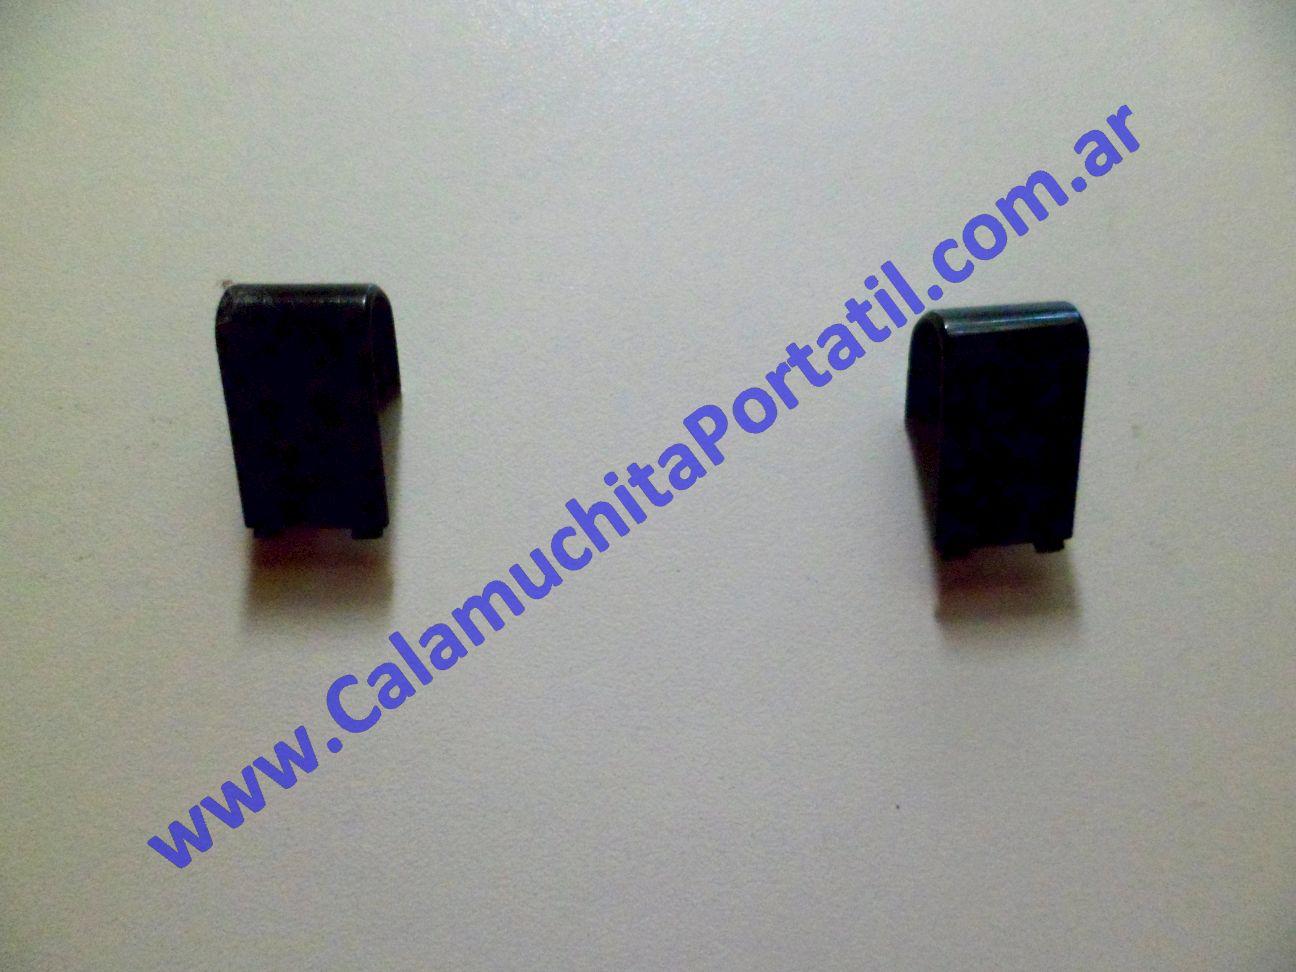 0027CBI Carcasa Bisagras Asus Eee PC 1201n